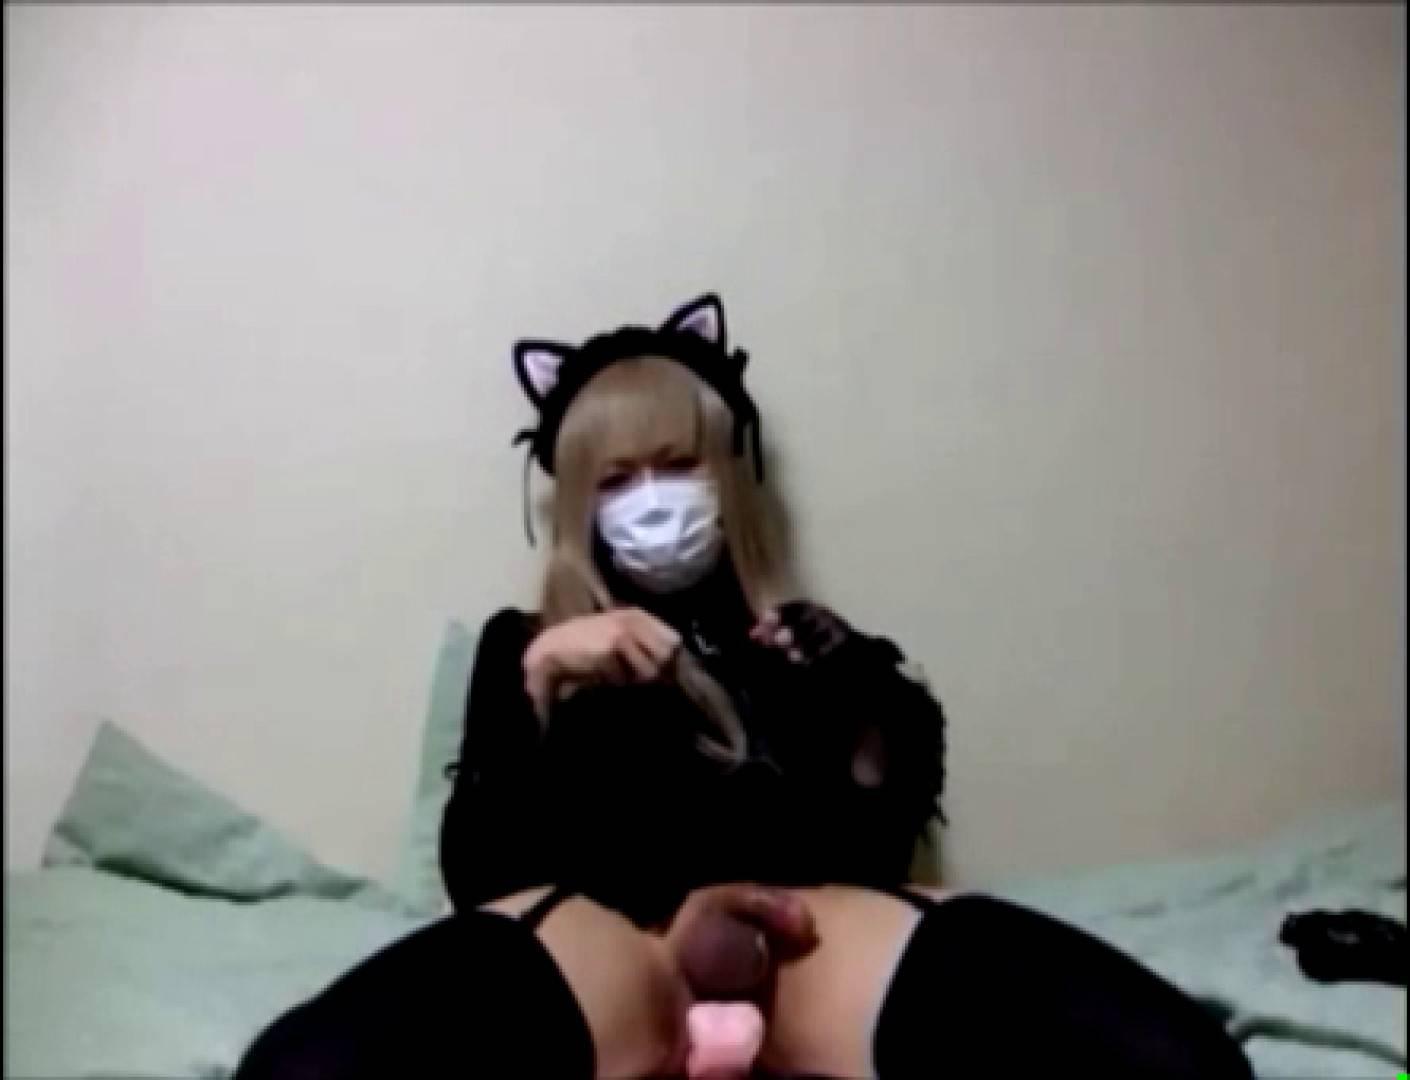 男のKOスプレー!Vol.12 覗き見 男同士動画 105pic 18